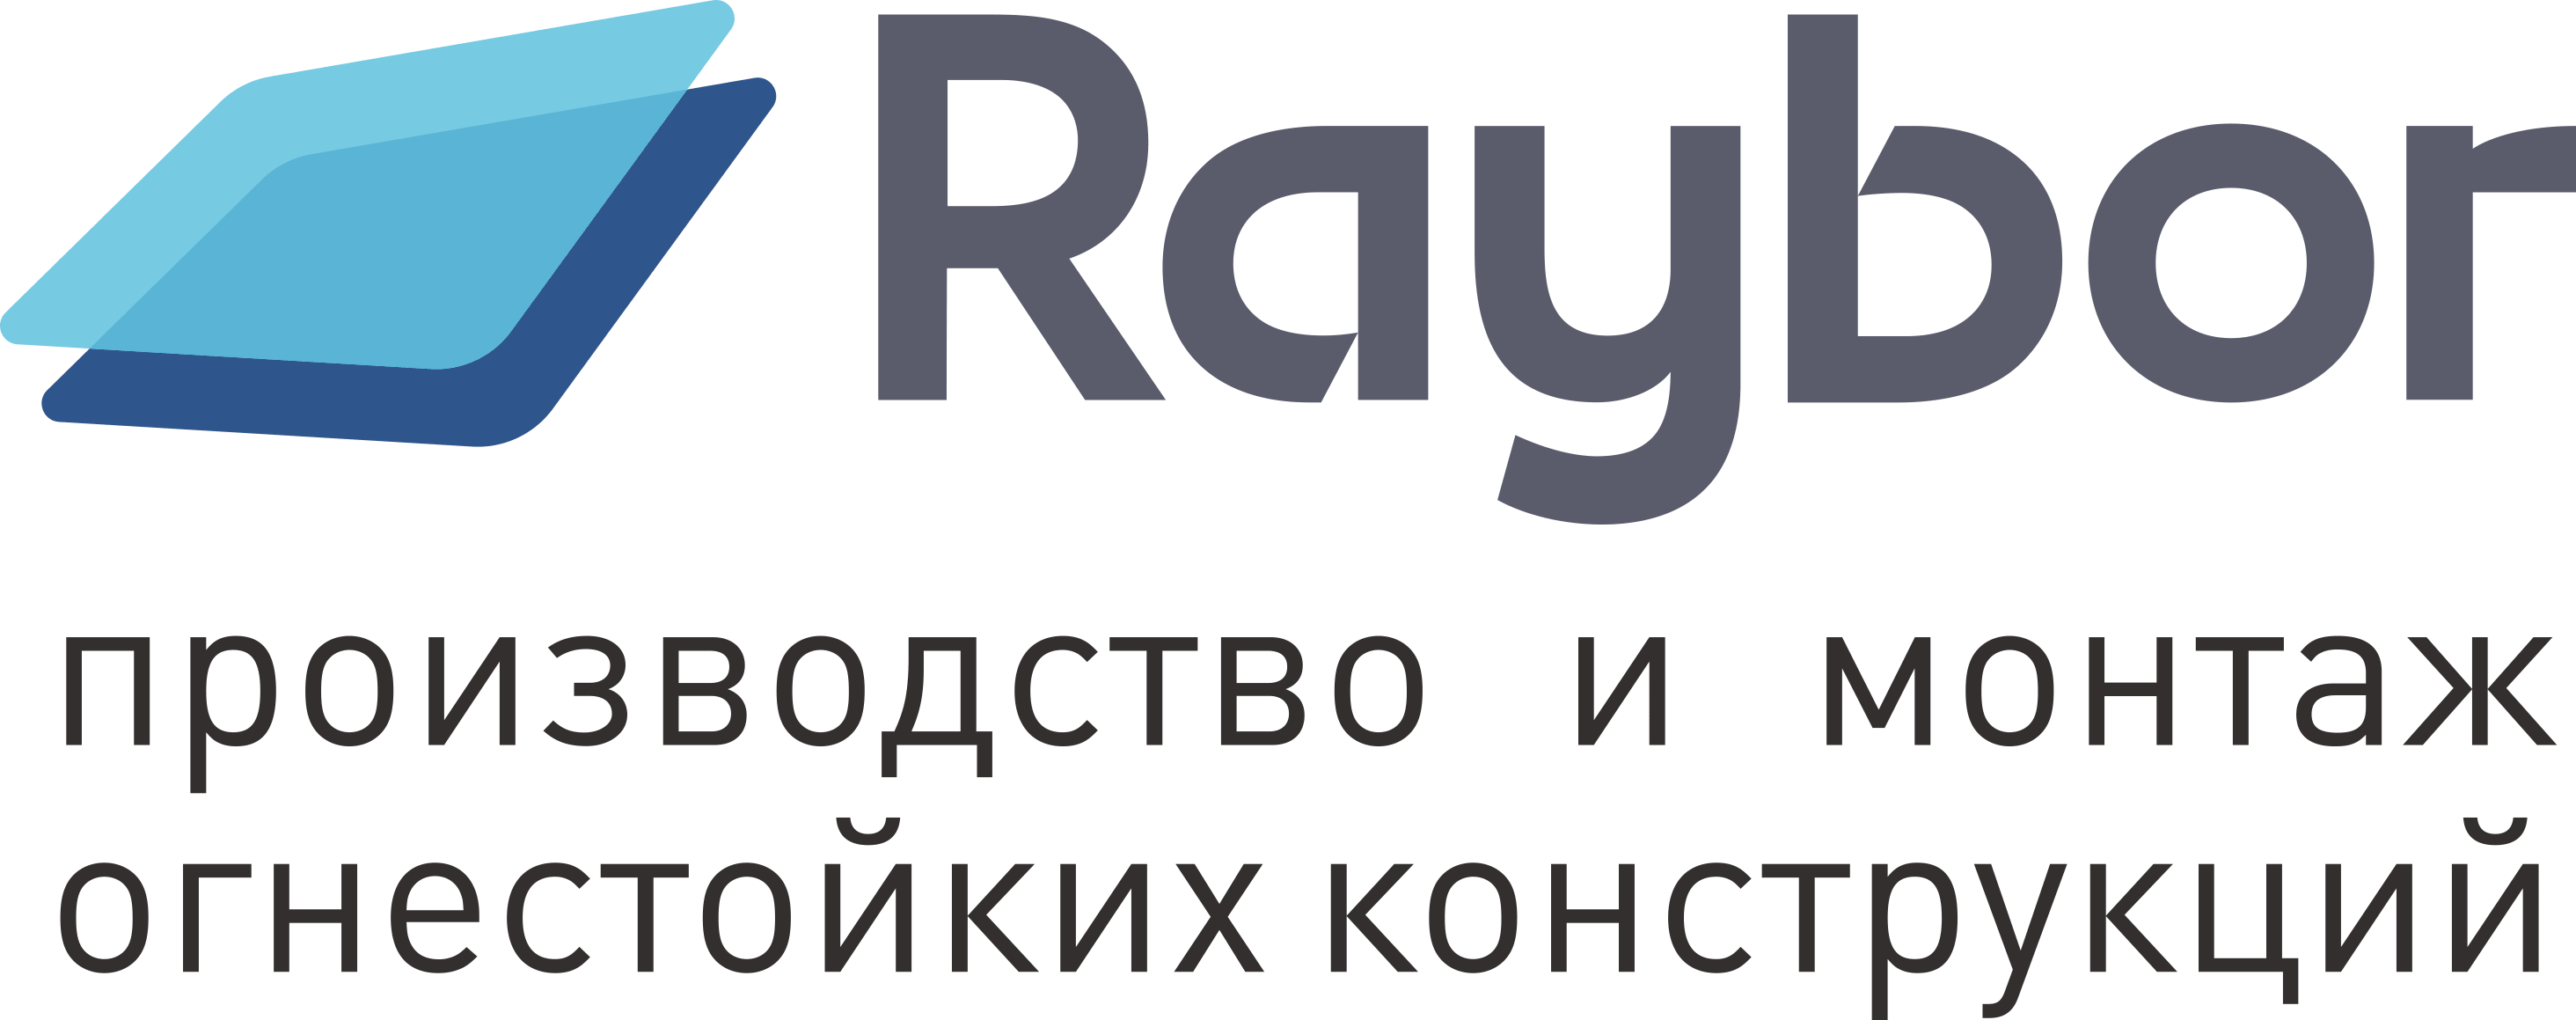 Противопожарные конструкции Raybor - повышение безопасности объектов и качества строительства